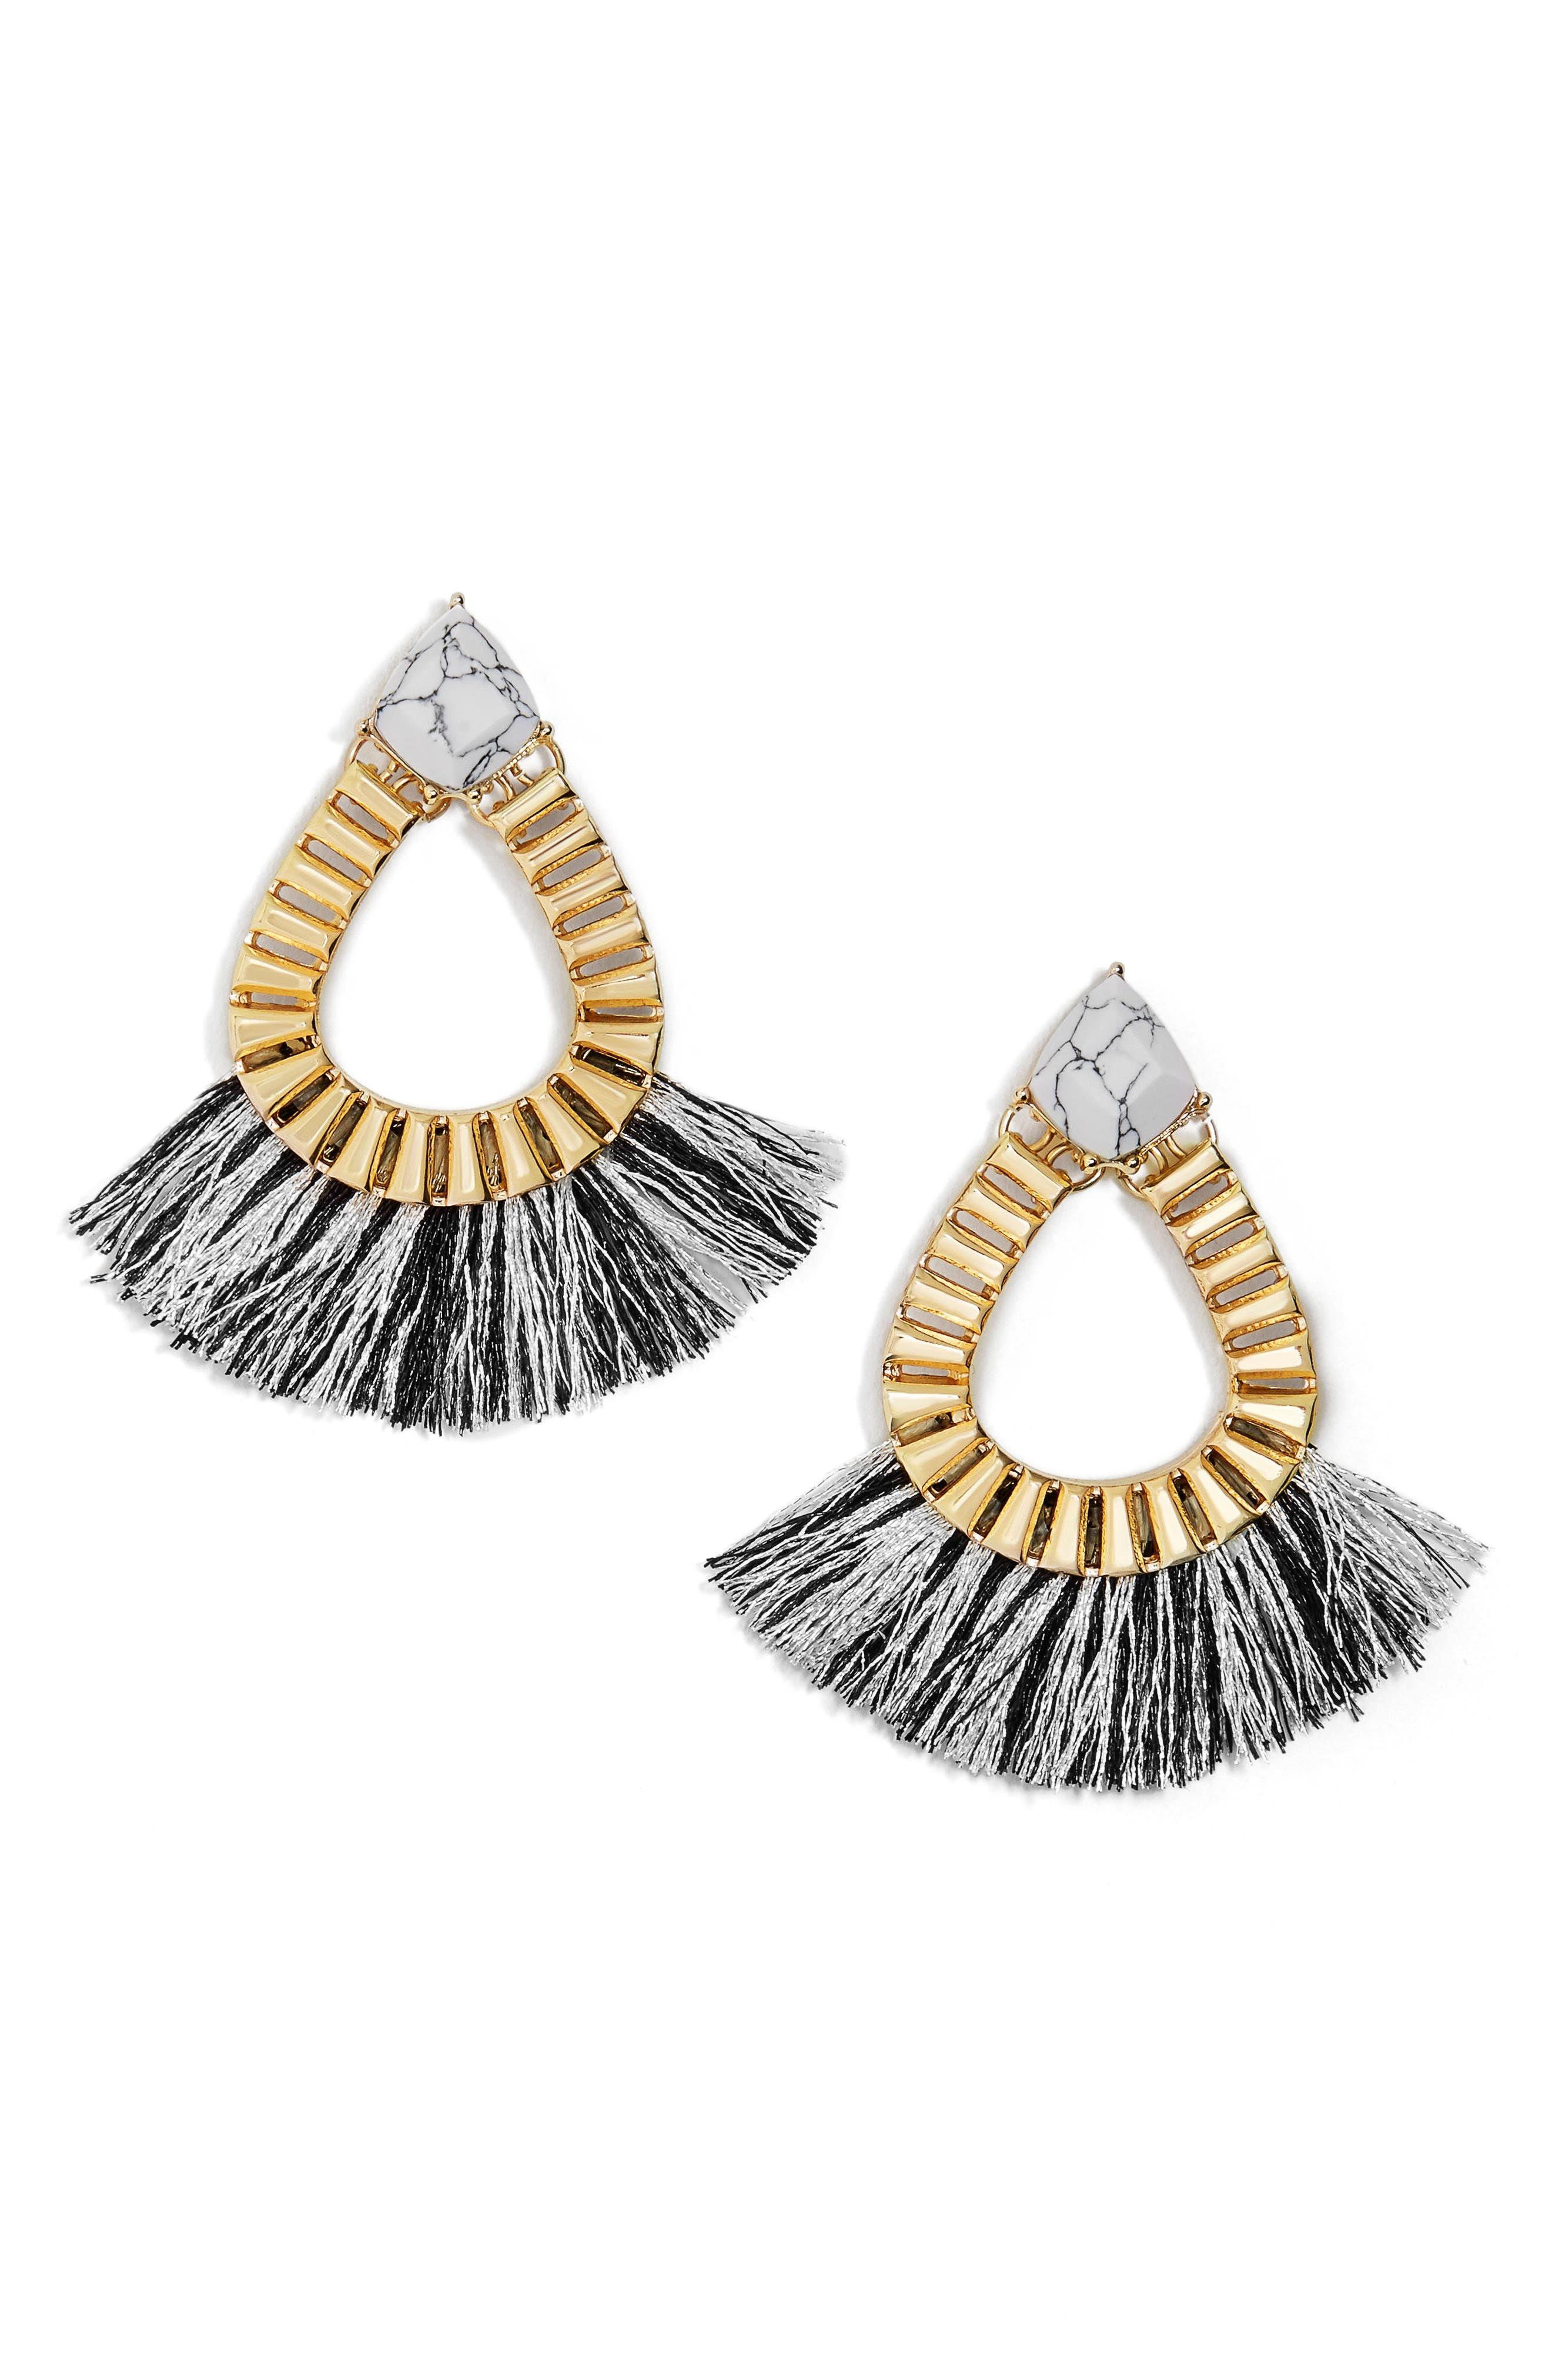 Ashira Fringe Earrings,                             Main thumbnail 1, color,                             001